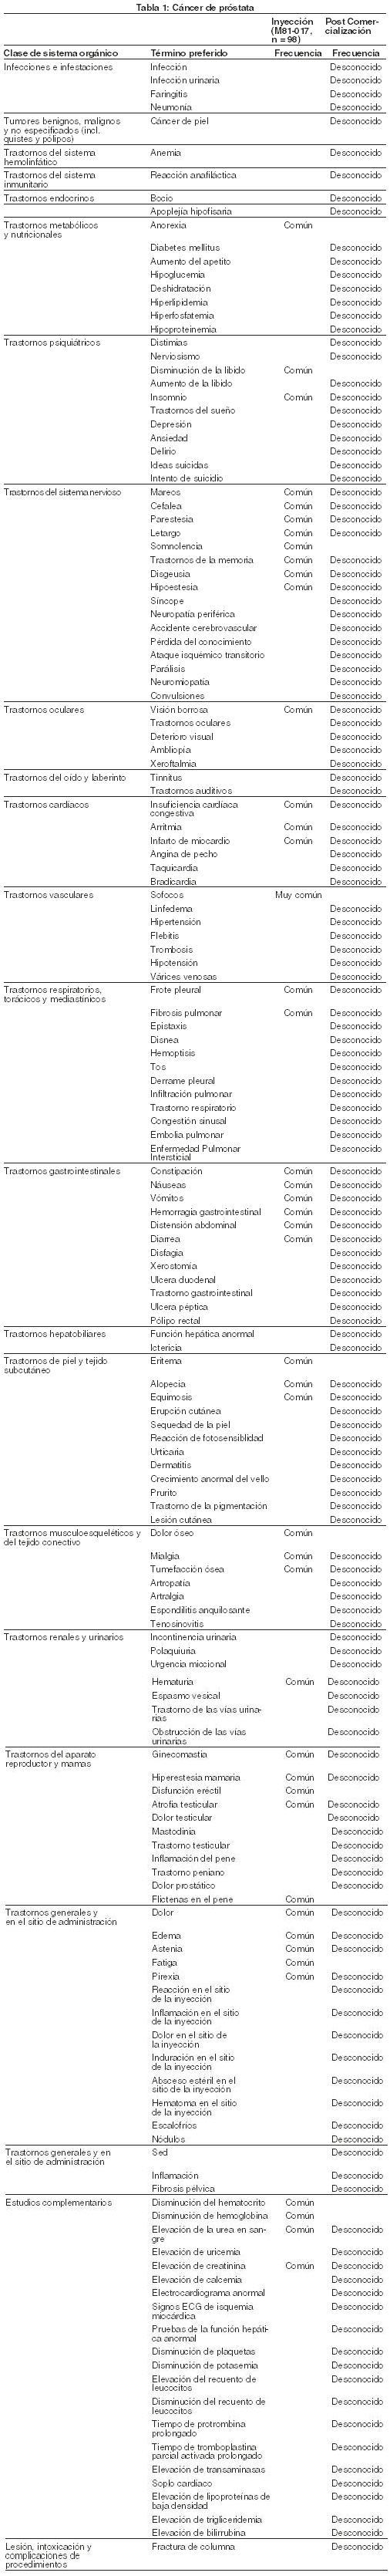 diabetes de inflamación del sitio de inyección de lupron